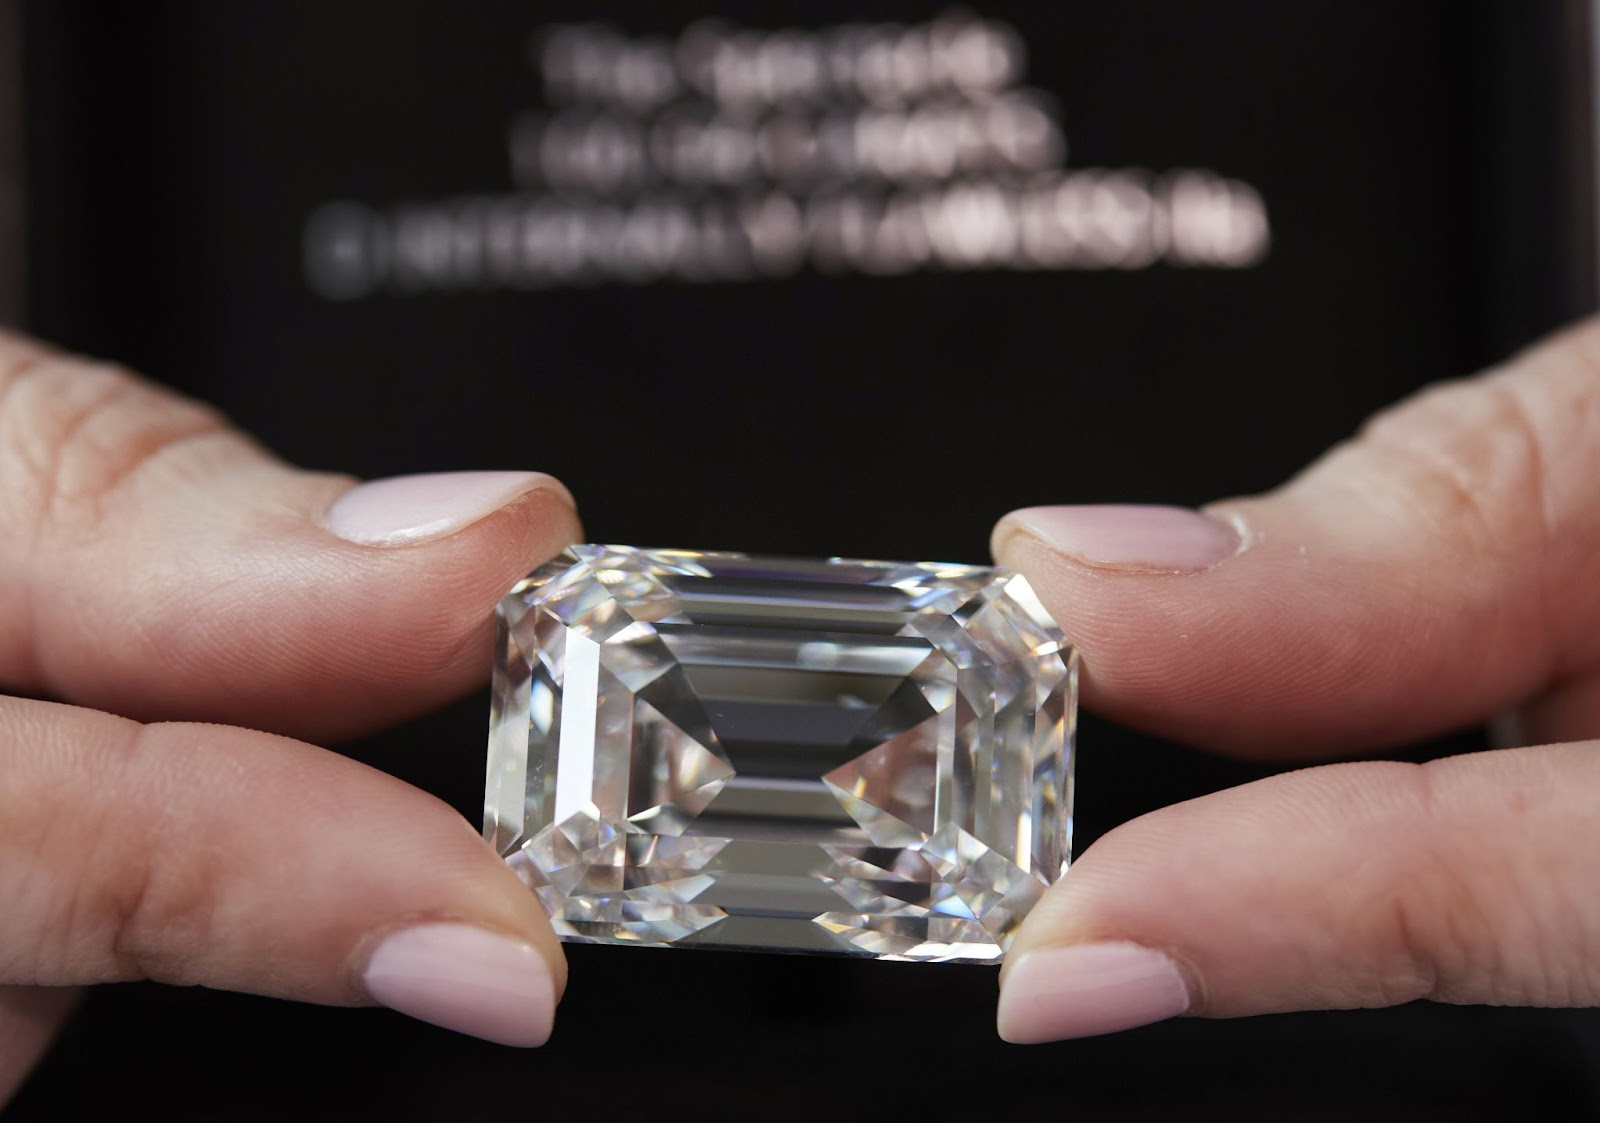 Chiêm ngưỡng viên Kim cương 101 carat khổng lồ - ảnh 2